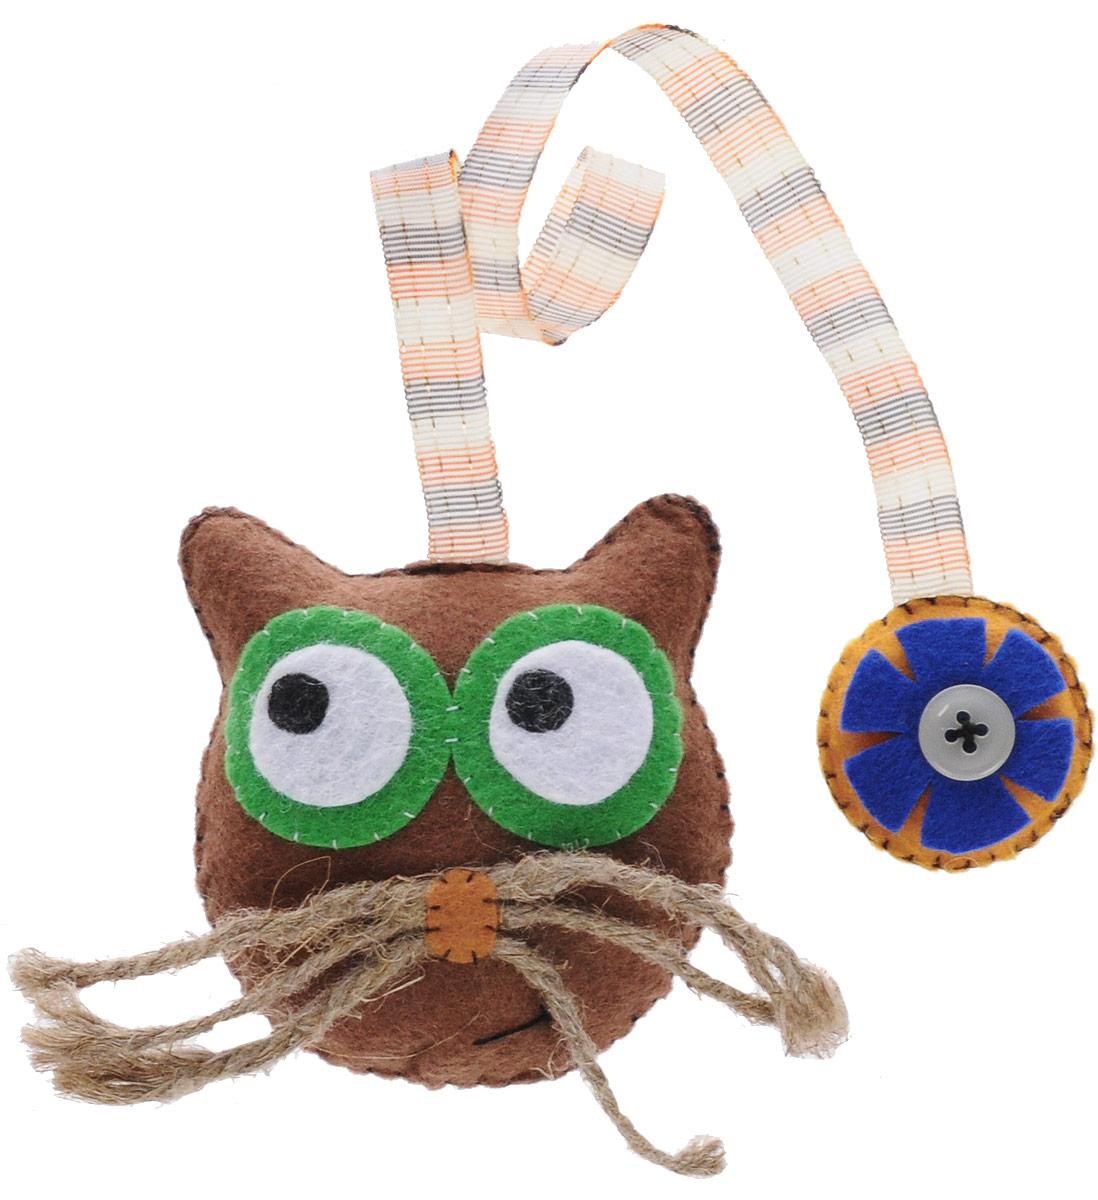 Закладка книжная Кот-льняноус, 6 см х 6 см. Ручная работа. Автор Леся КелбаВАН_KELBA_4Kelba - это творческая мастерская кукол и игрушек. Игрушка-закладка выполнена из текстиля в виде кота.